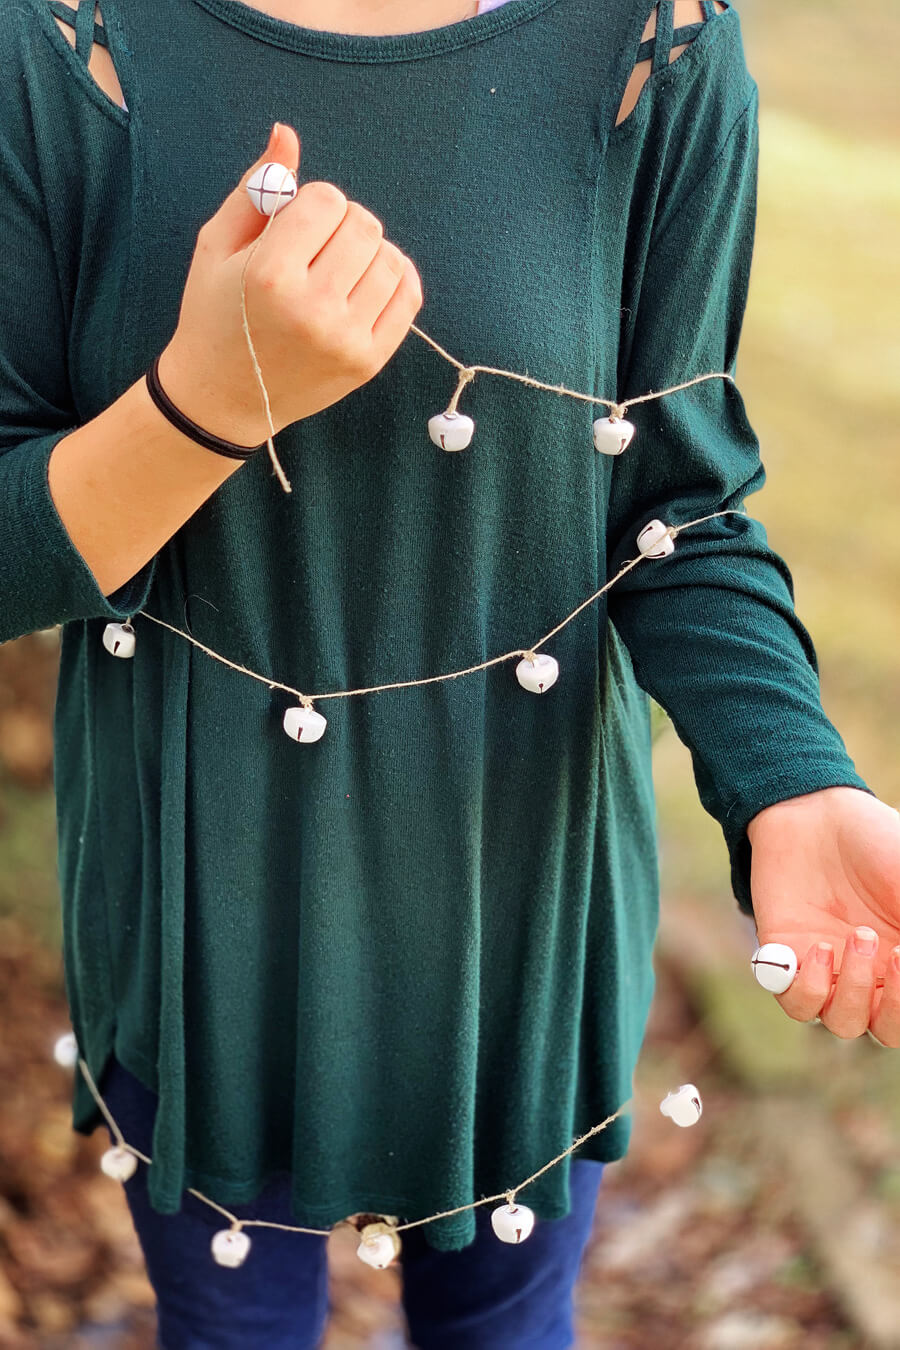 DIY jingle bell Christmas garland